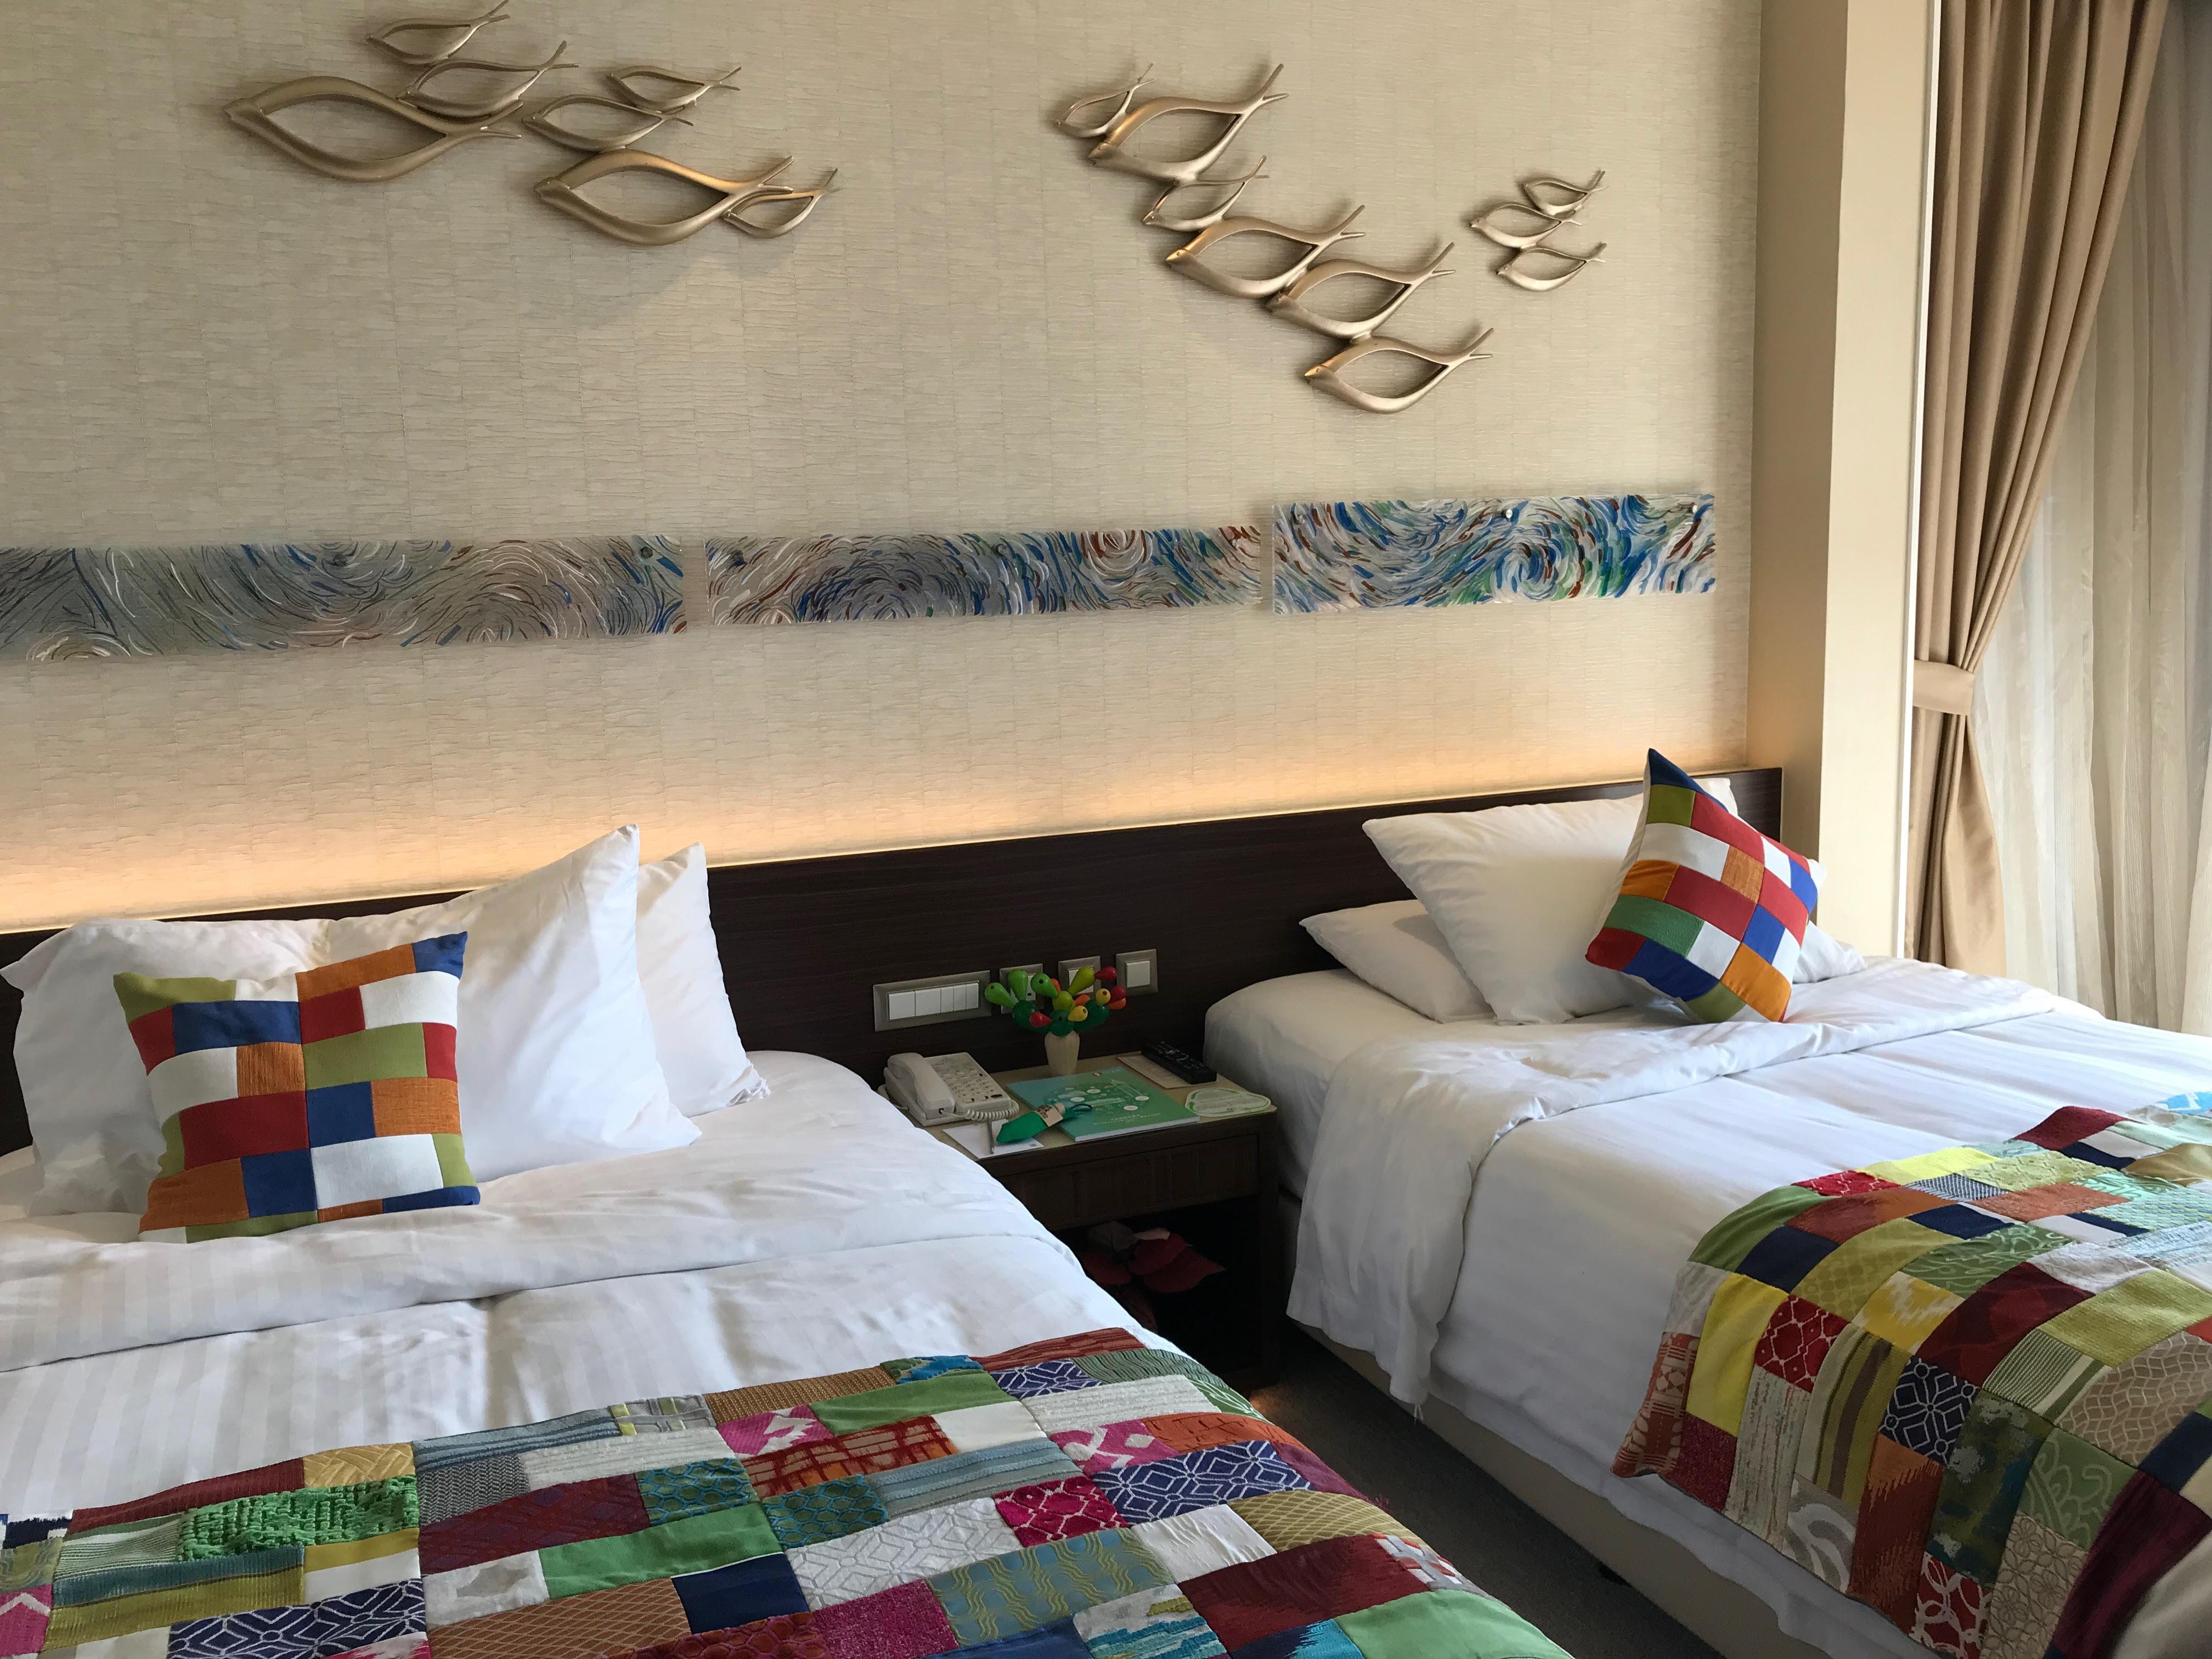 香港黄金海岸酒店    打造香港首间绿色升级再造主题客房